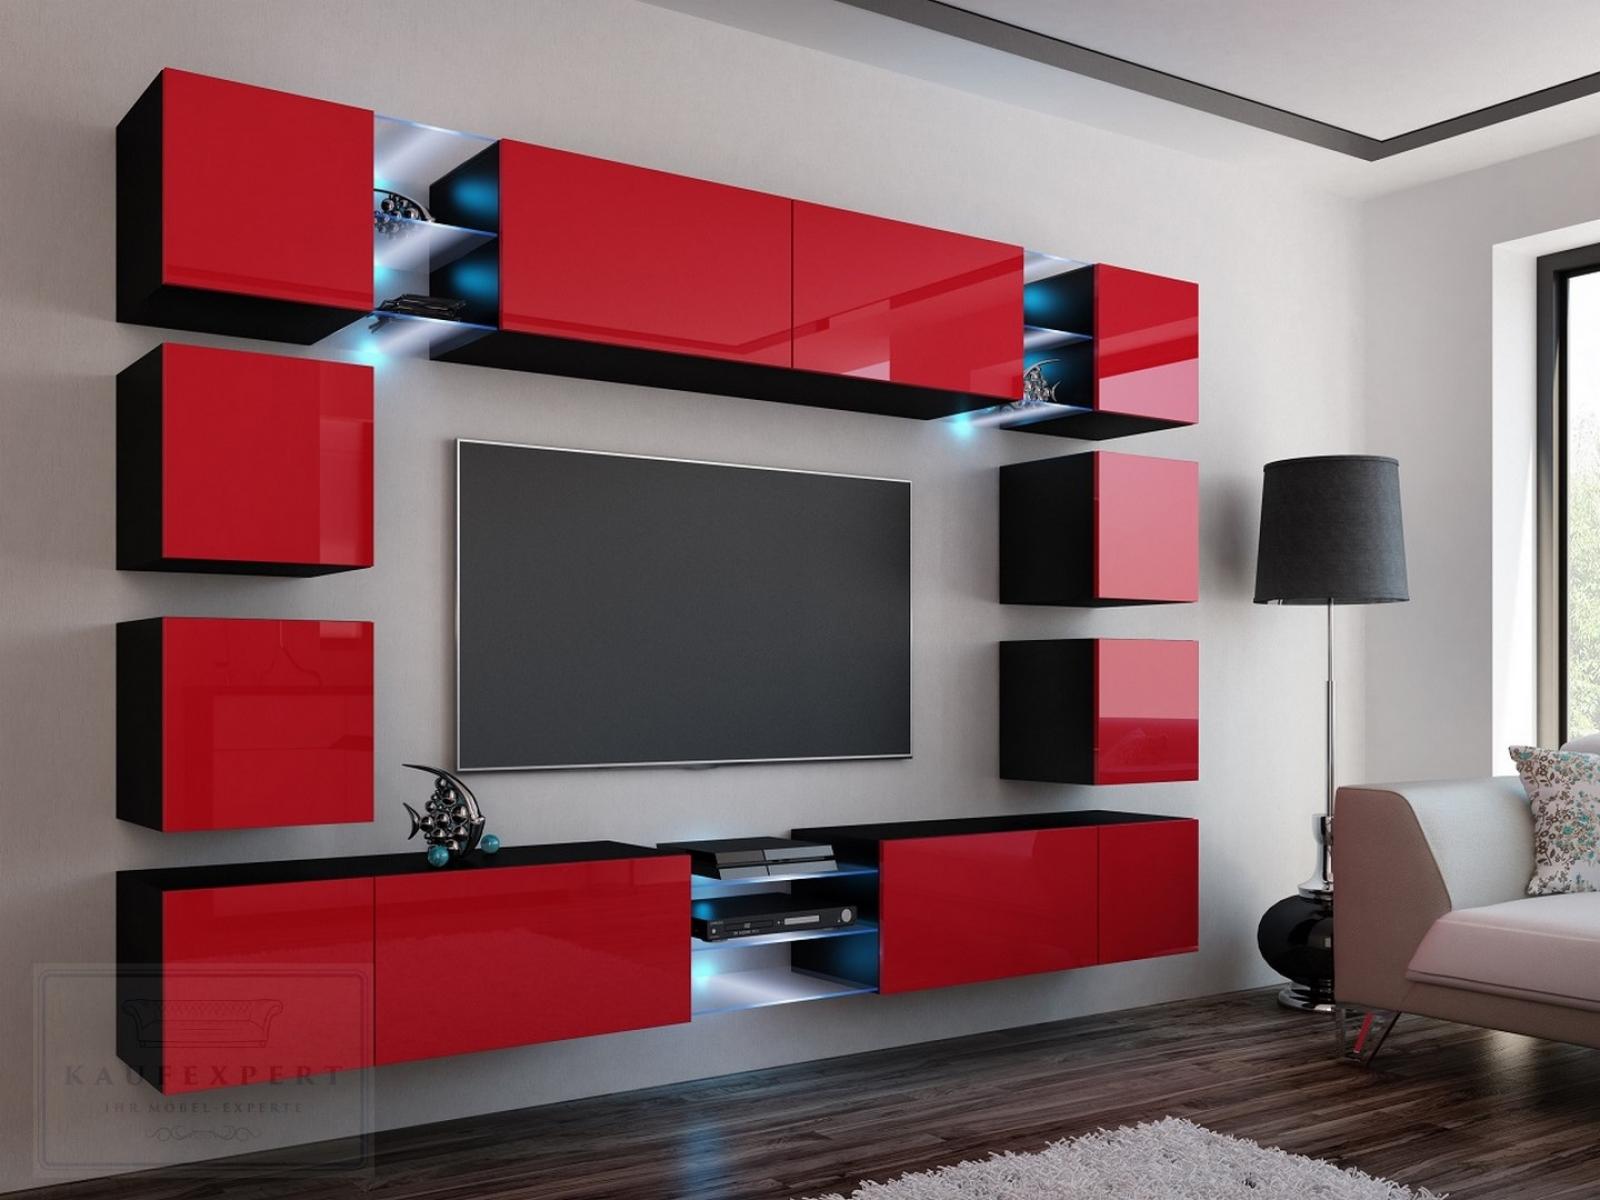 kaufexpert - wohnwand edge rot hochglanz/schwarz mediawand, Gestaltungsideen